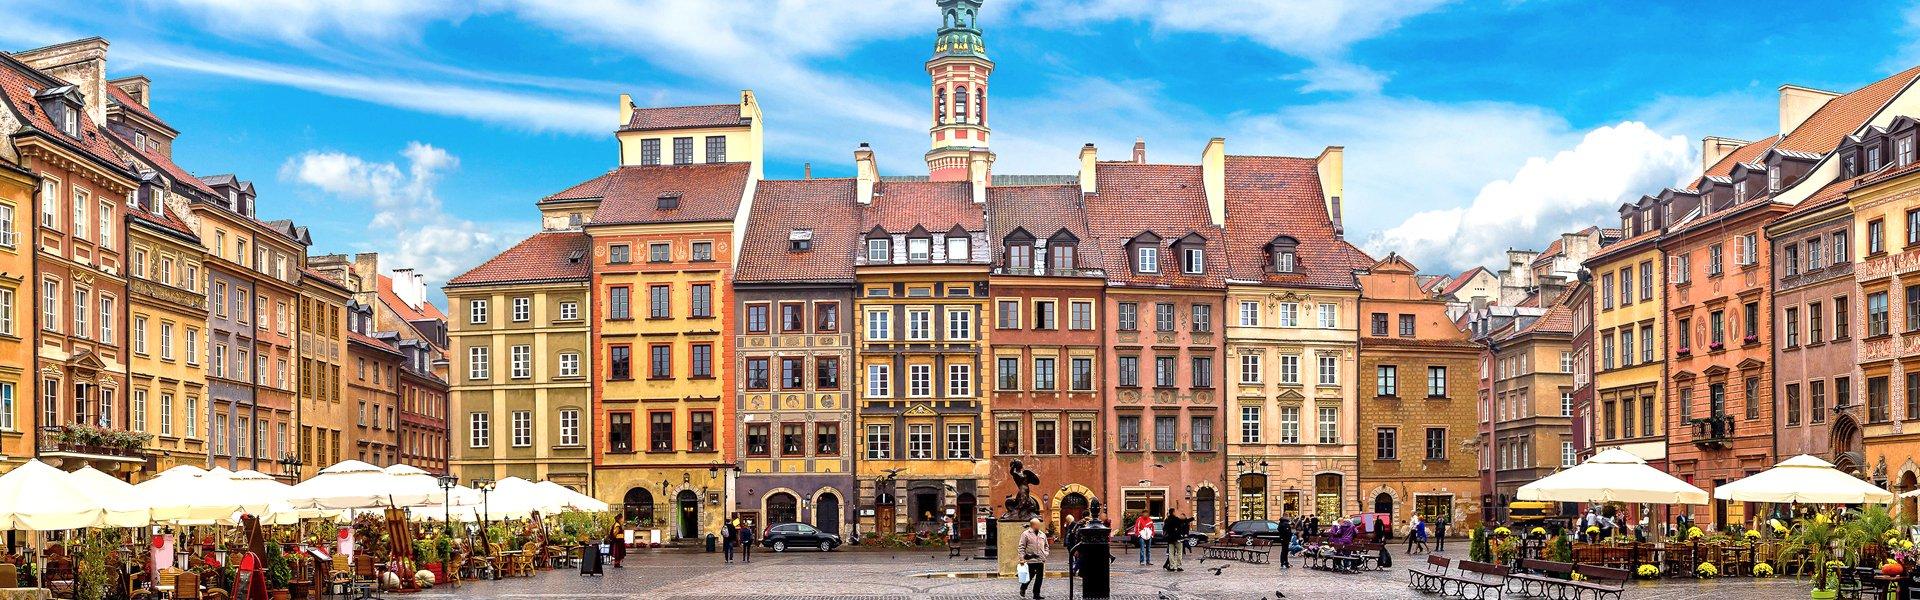 Centraal plein in Warschau, Polen